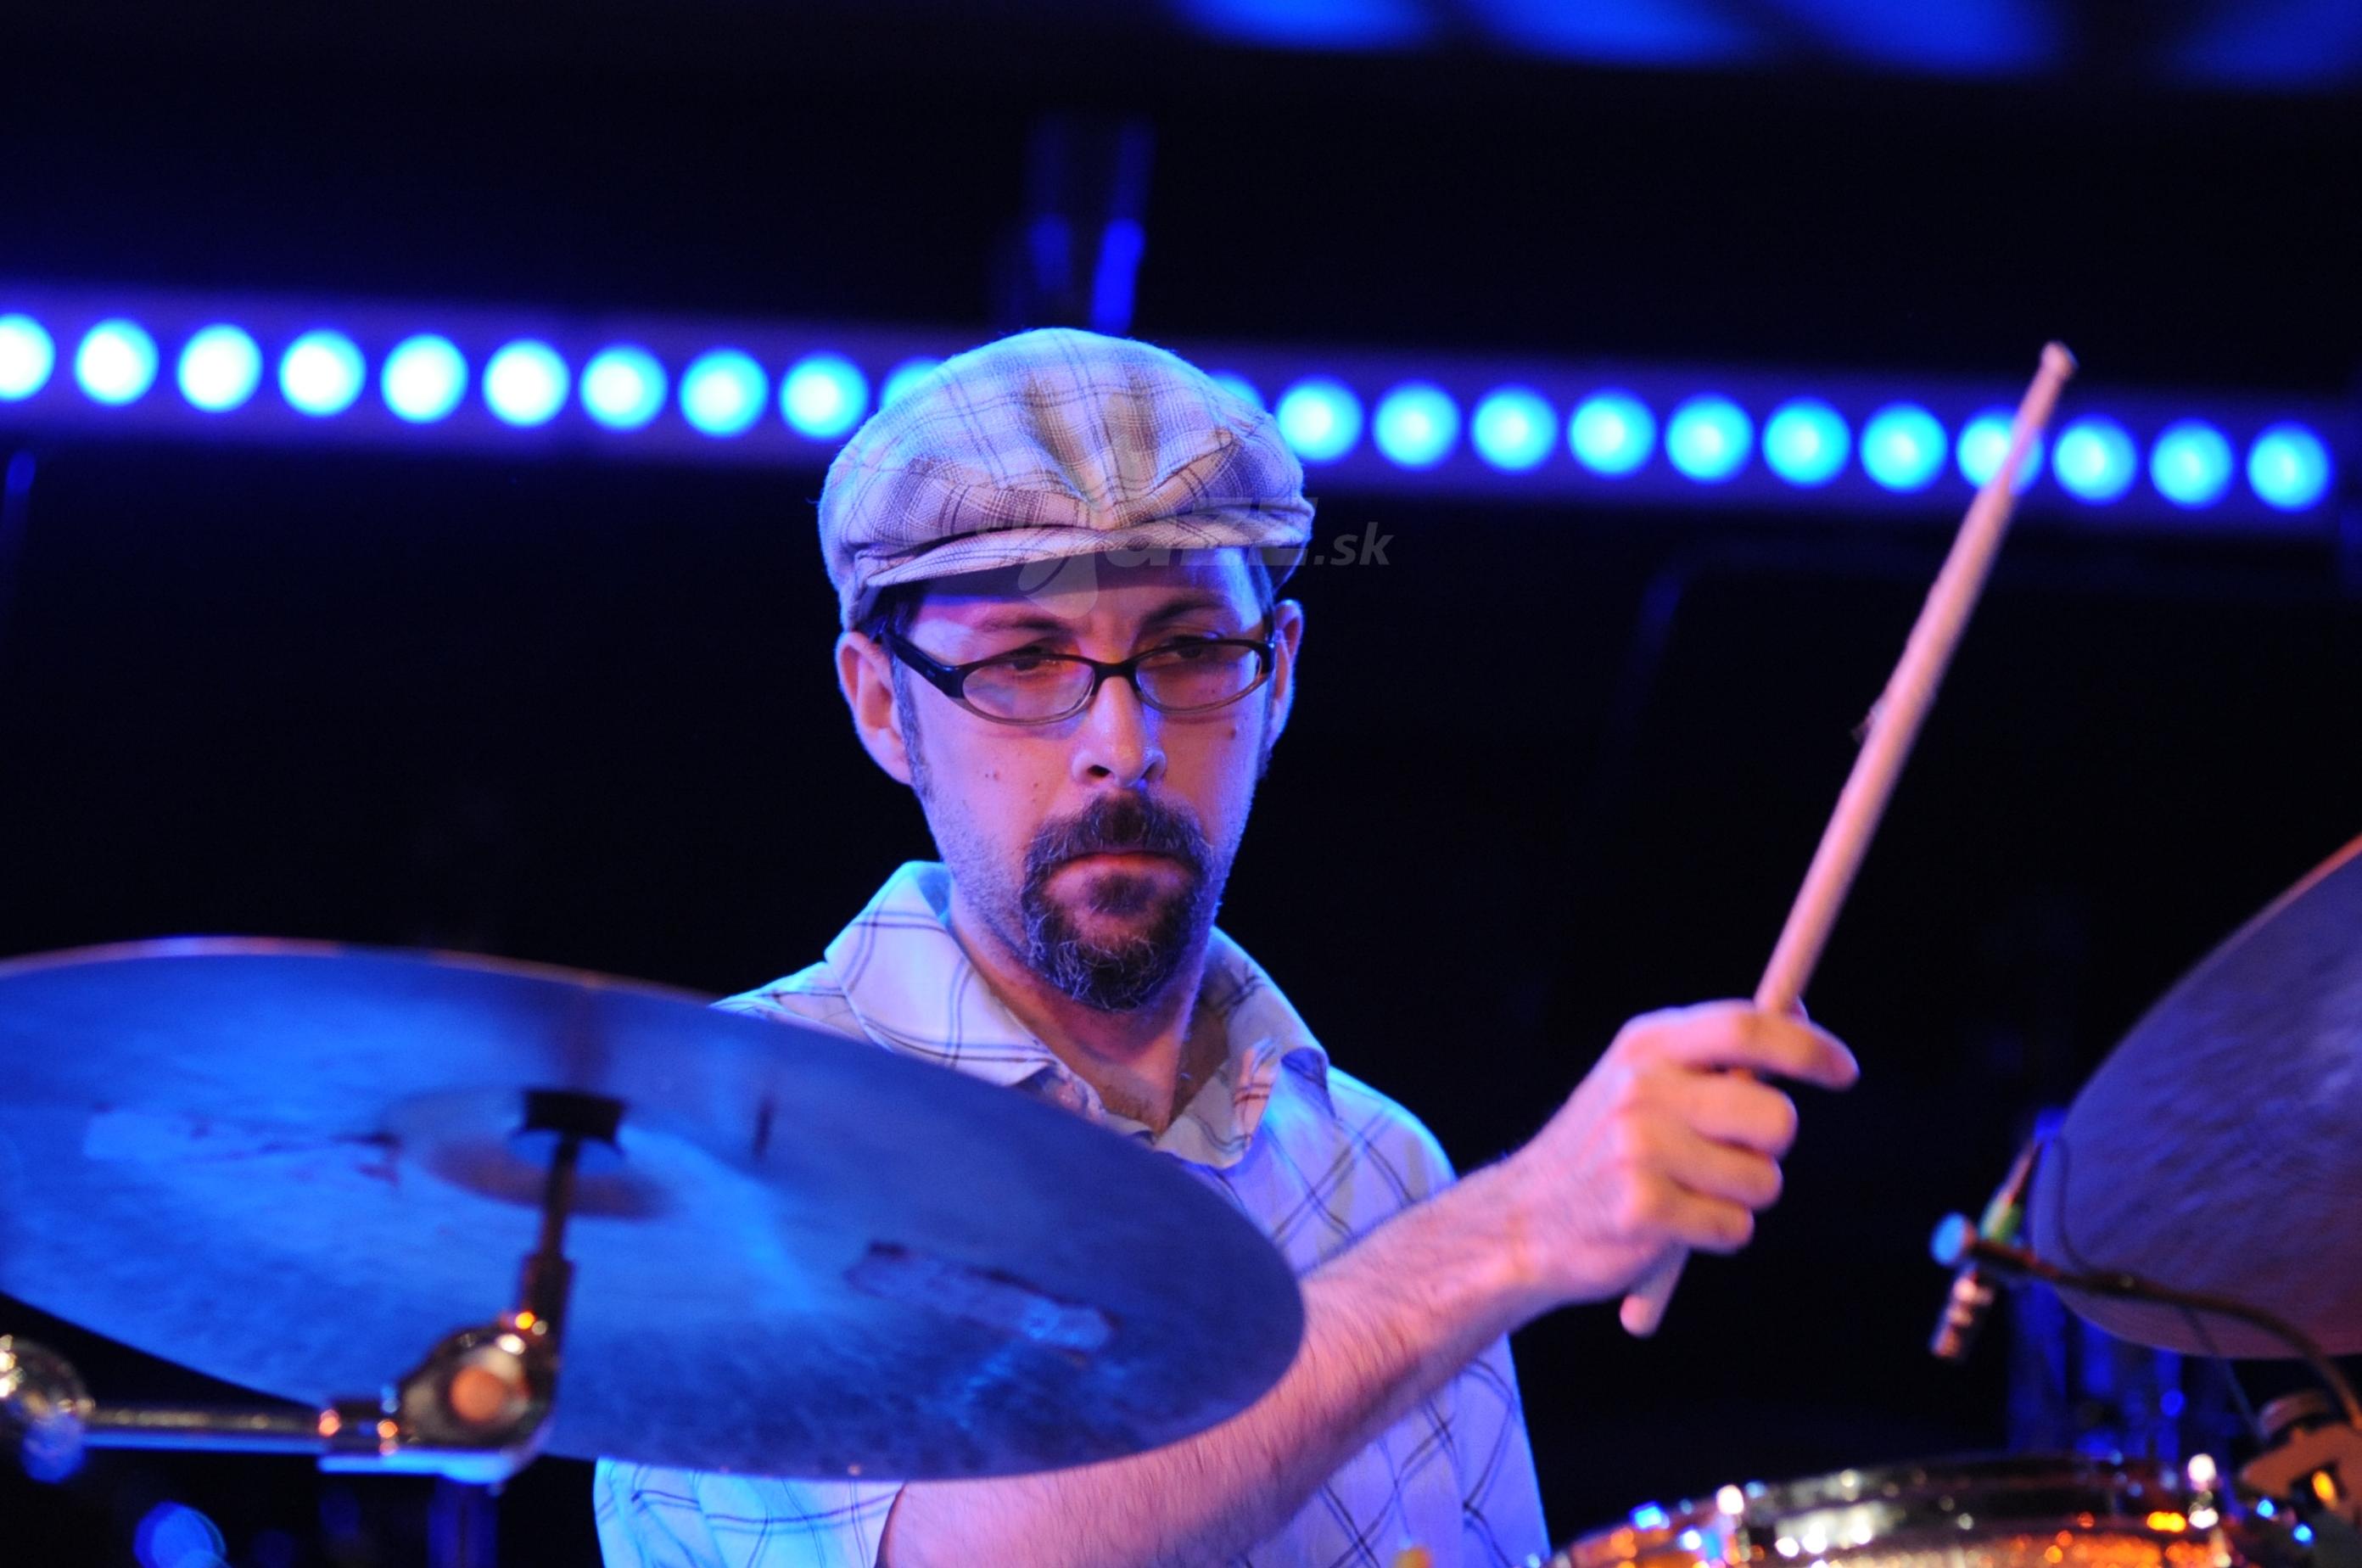 Bubeník John Hollenbeck !!!